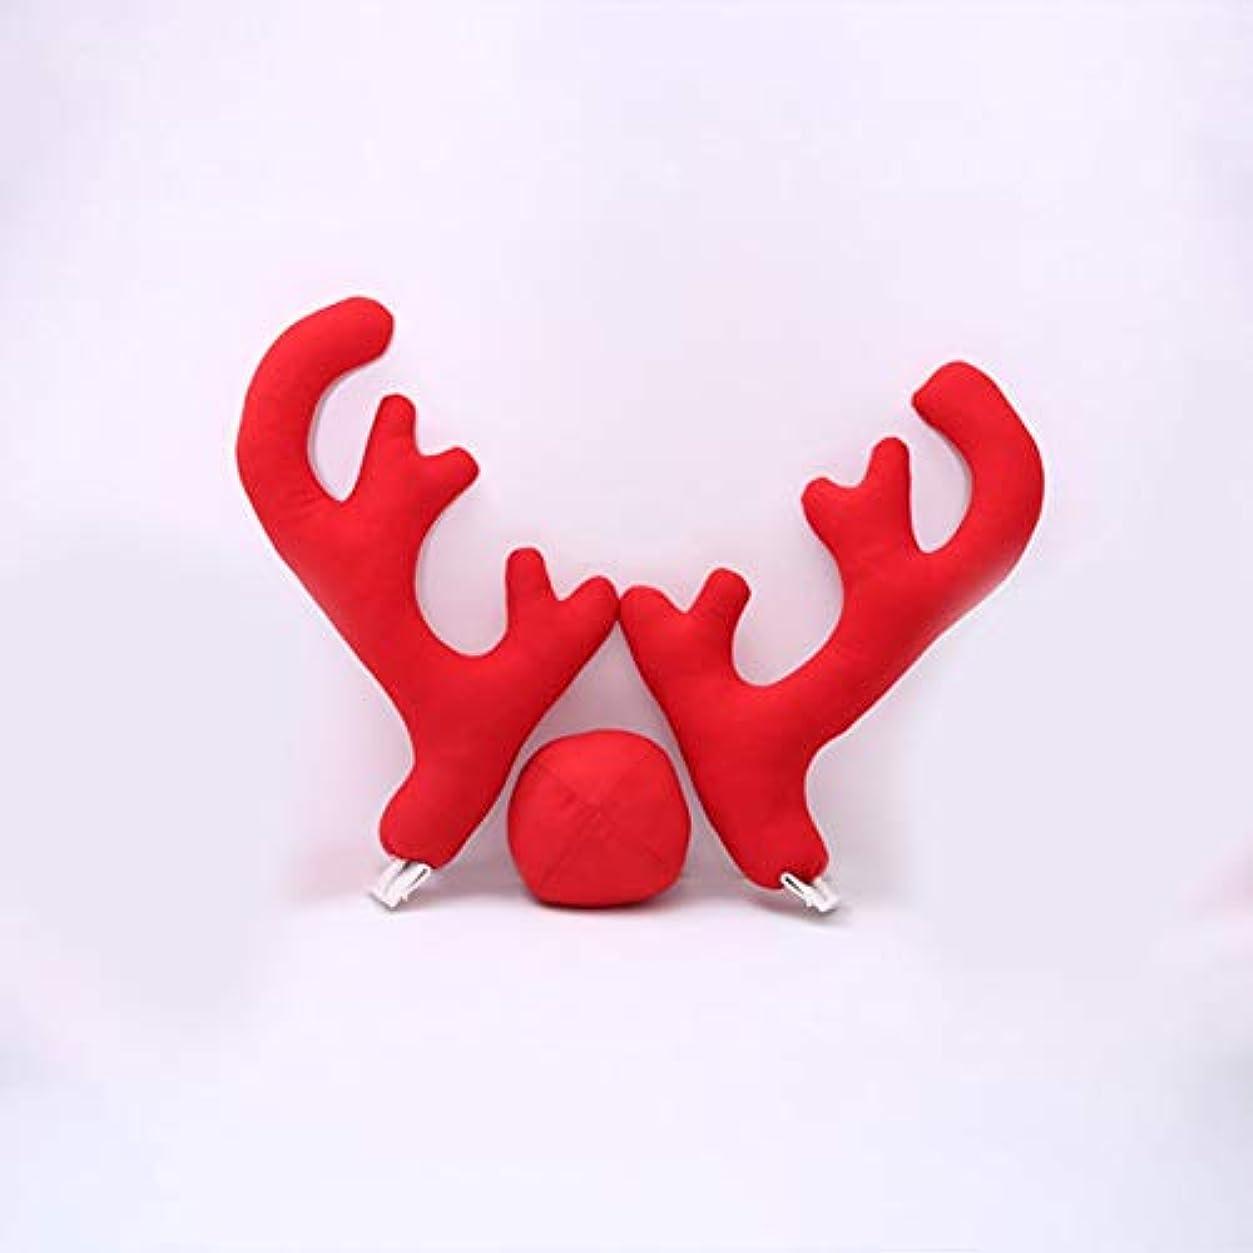 ゴシップマーチャンダイジング守るSaikogoods 2アントラーズ1枚のトナカイ鼻2 Mirrowカバーで新しいデザインクリエイティブクリスマスオートカーコスチュームの装飾フルセット 赤